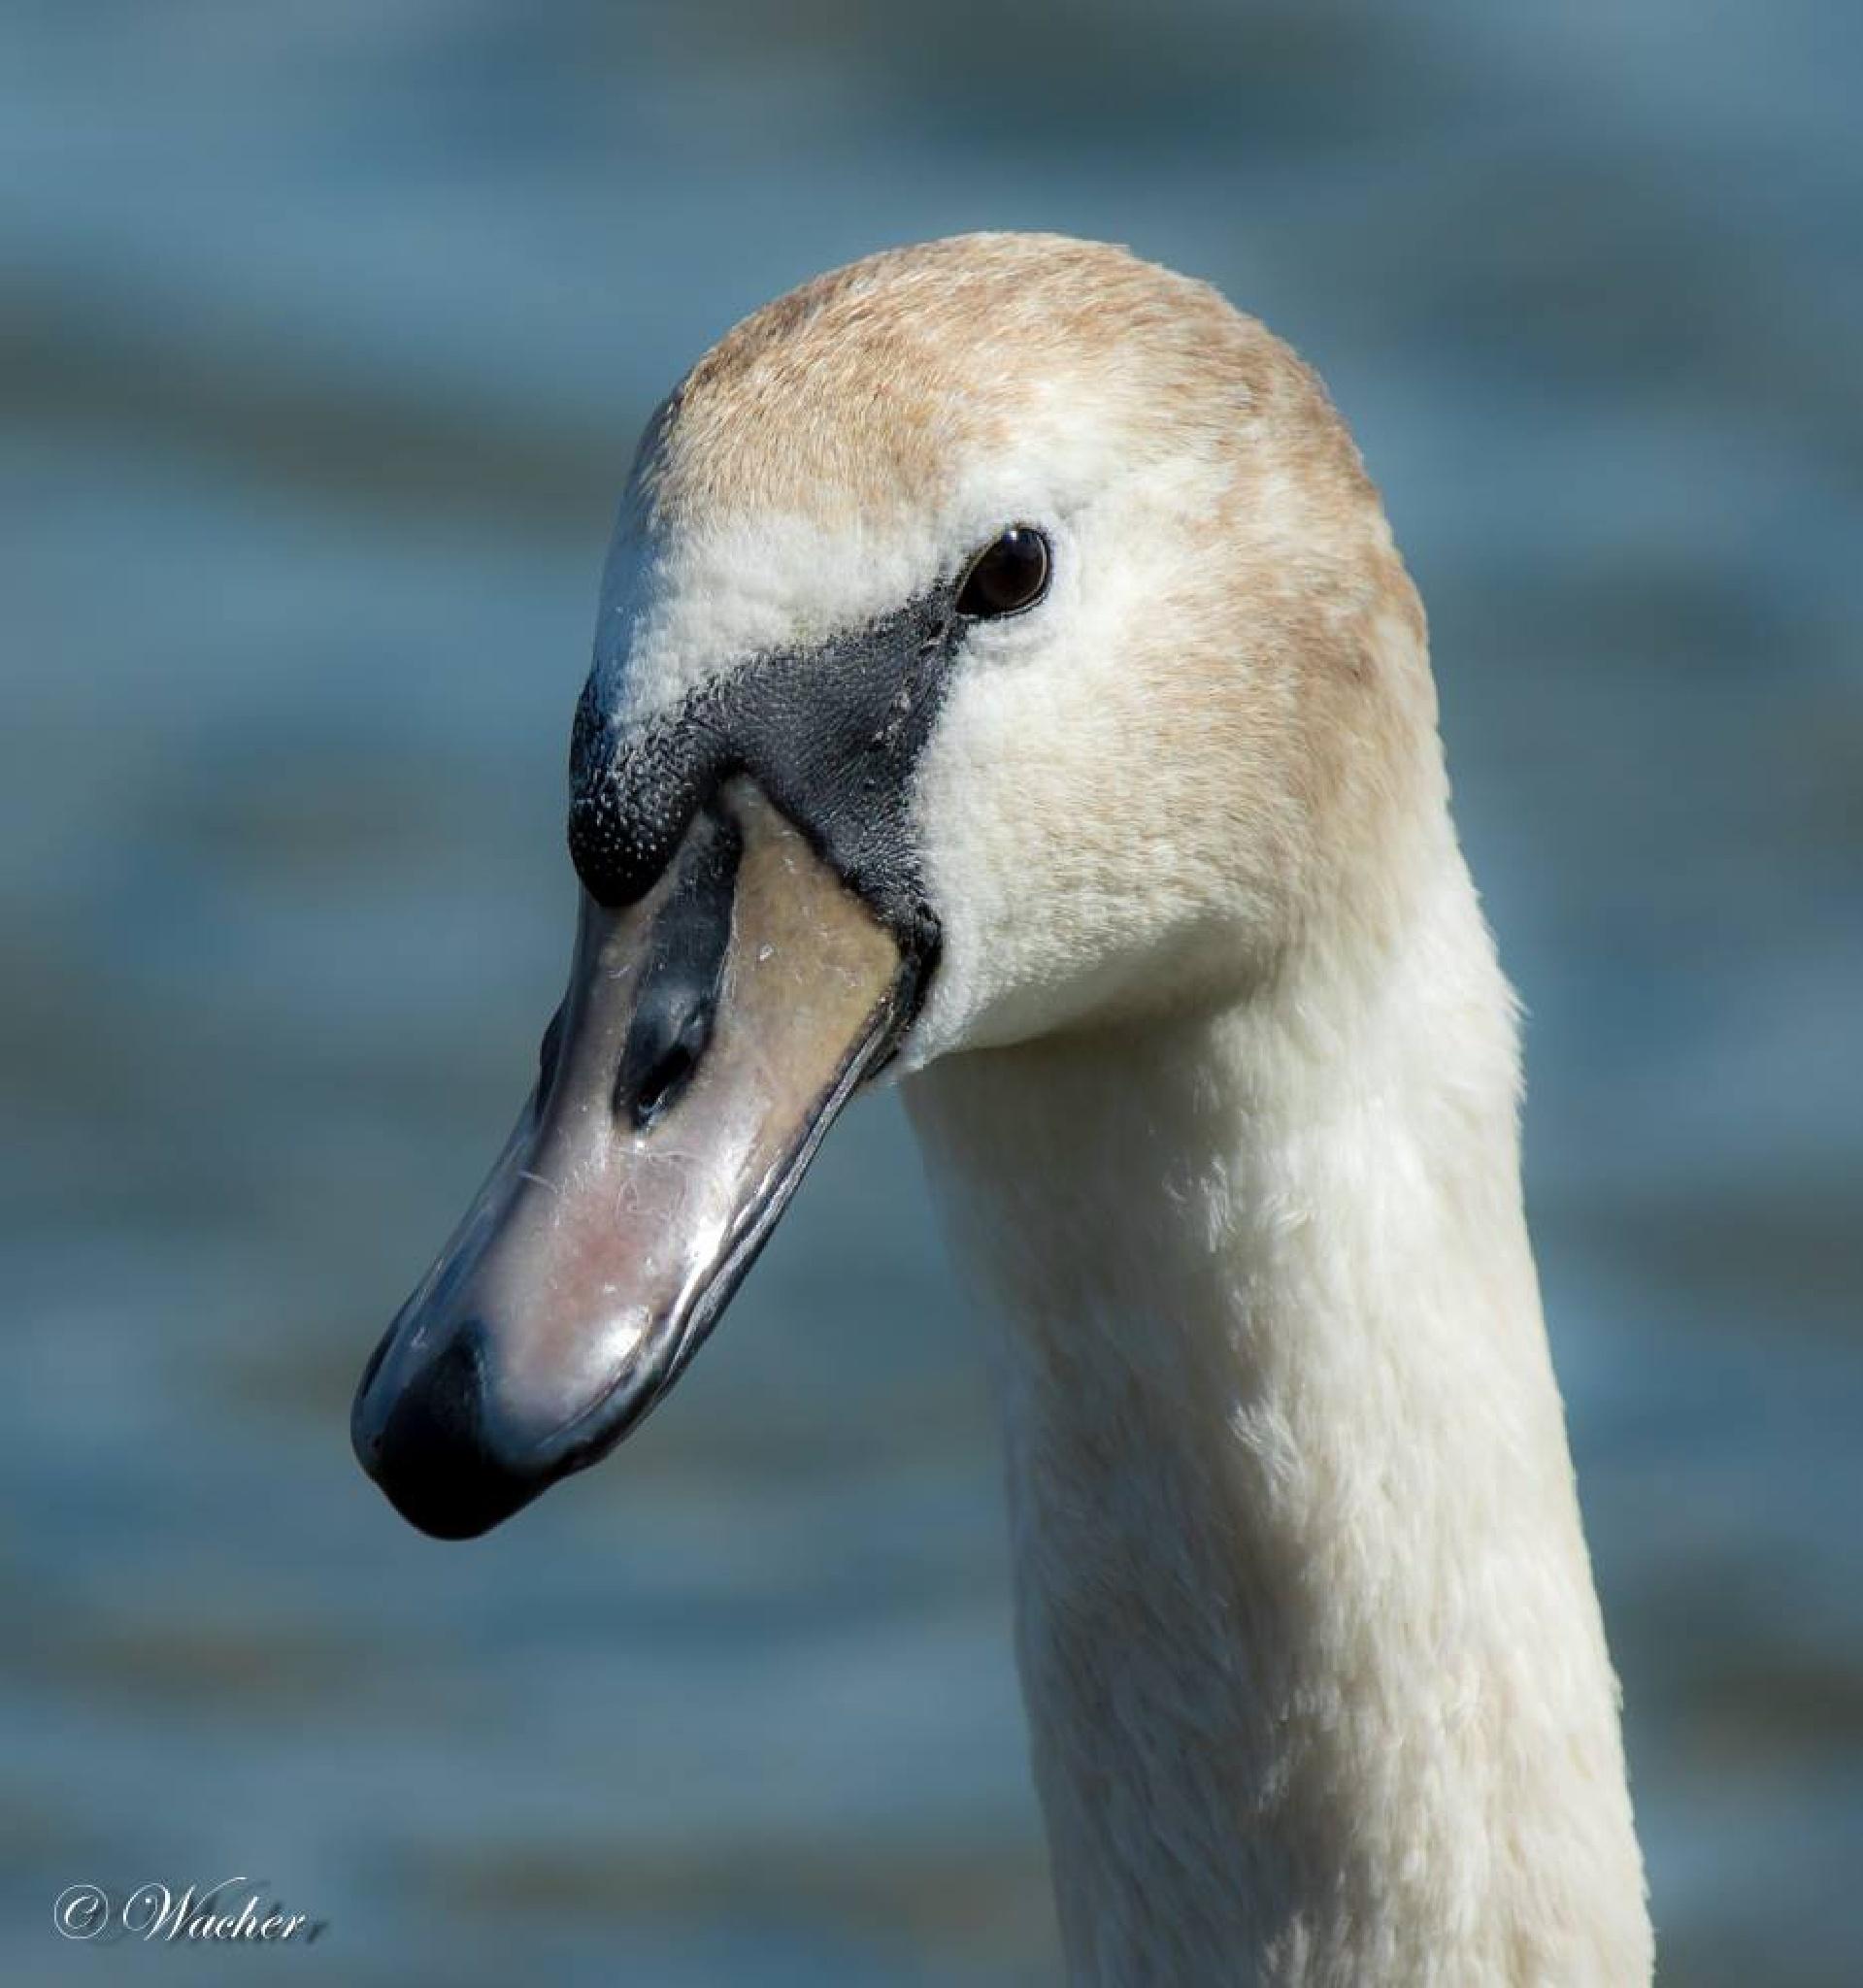 Swan by Wacherphoto